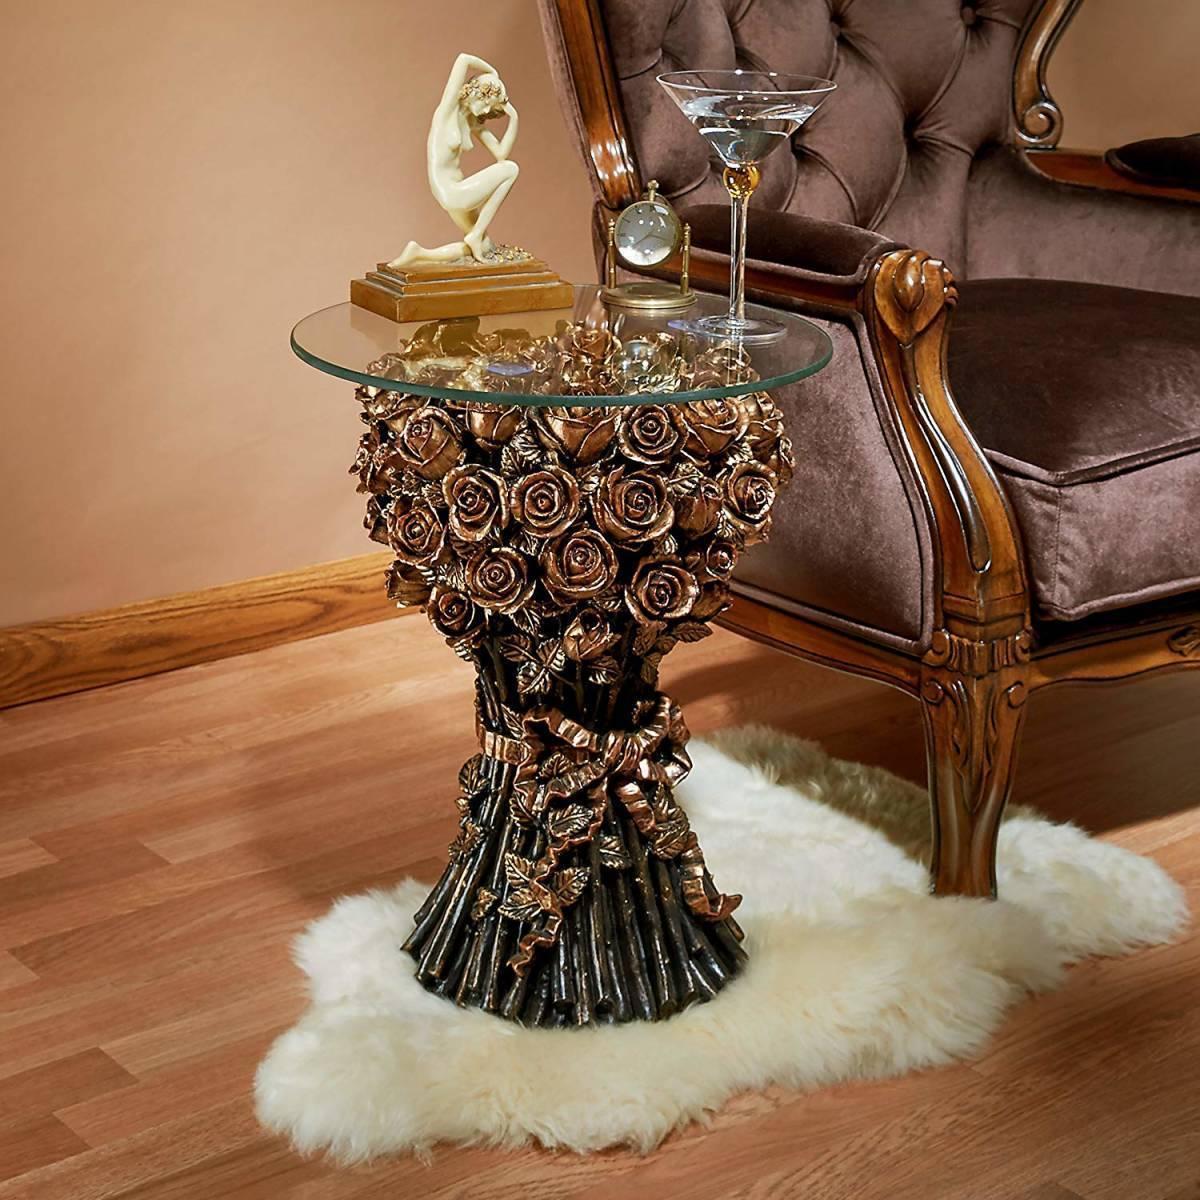 デザイン・トスカノ製 薔薇(バラ)のガラス張りの彫刻テーブル 家具置物 彫像 彫刻(輸入品)